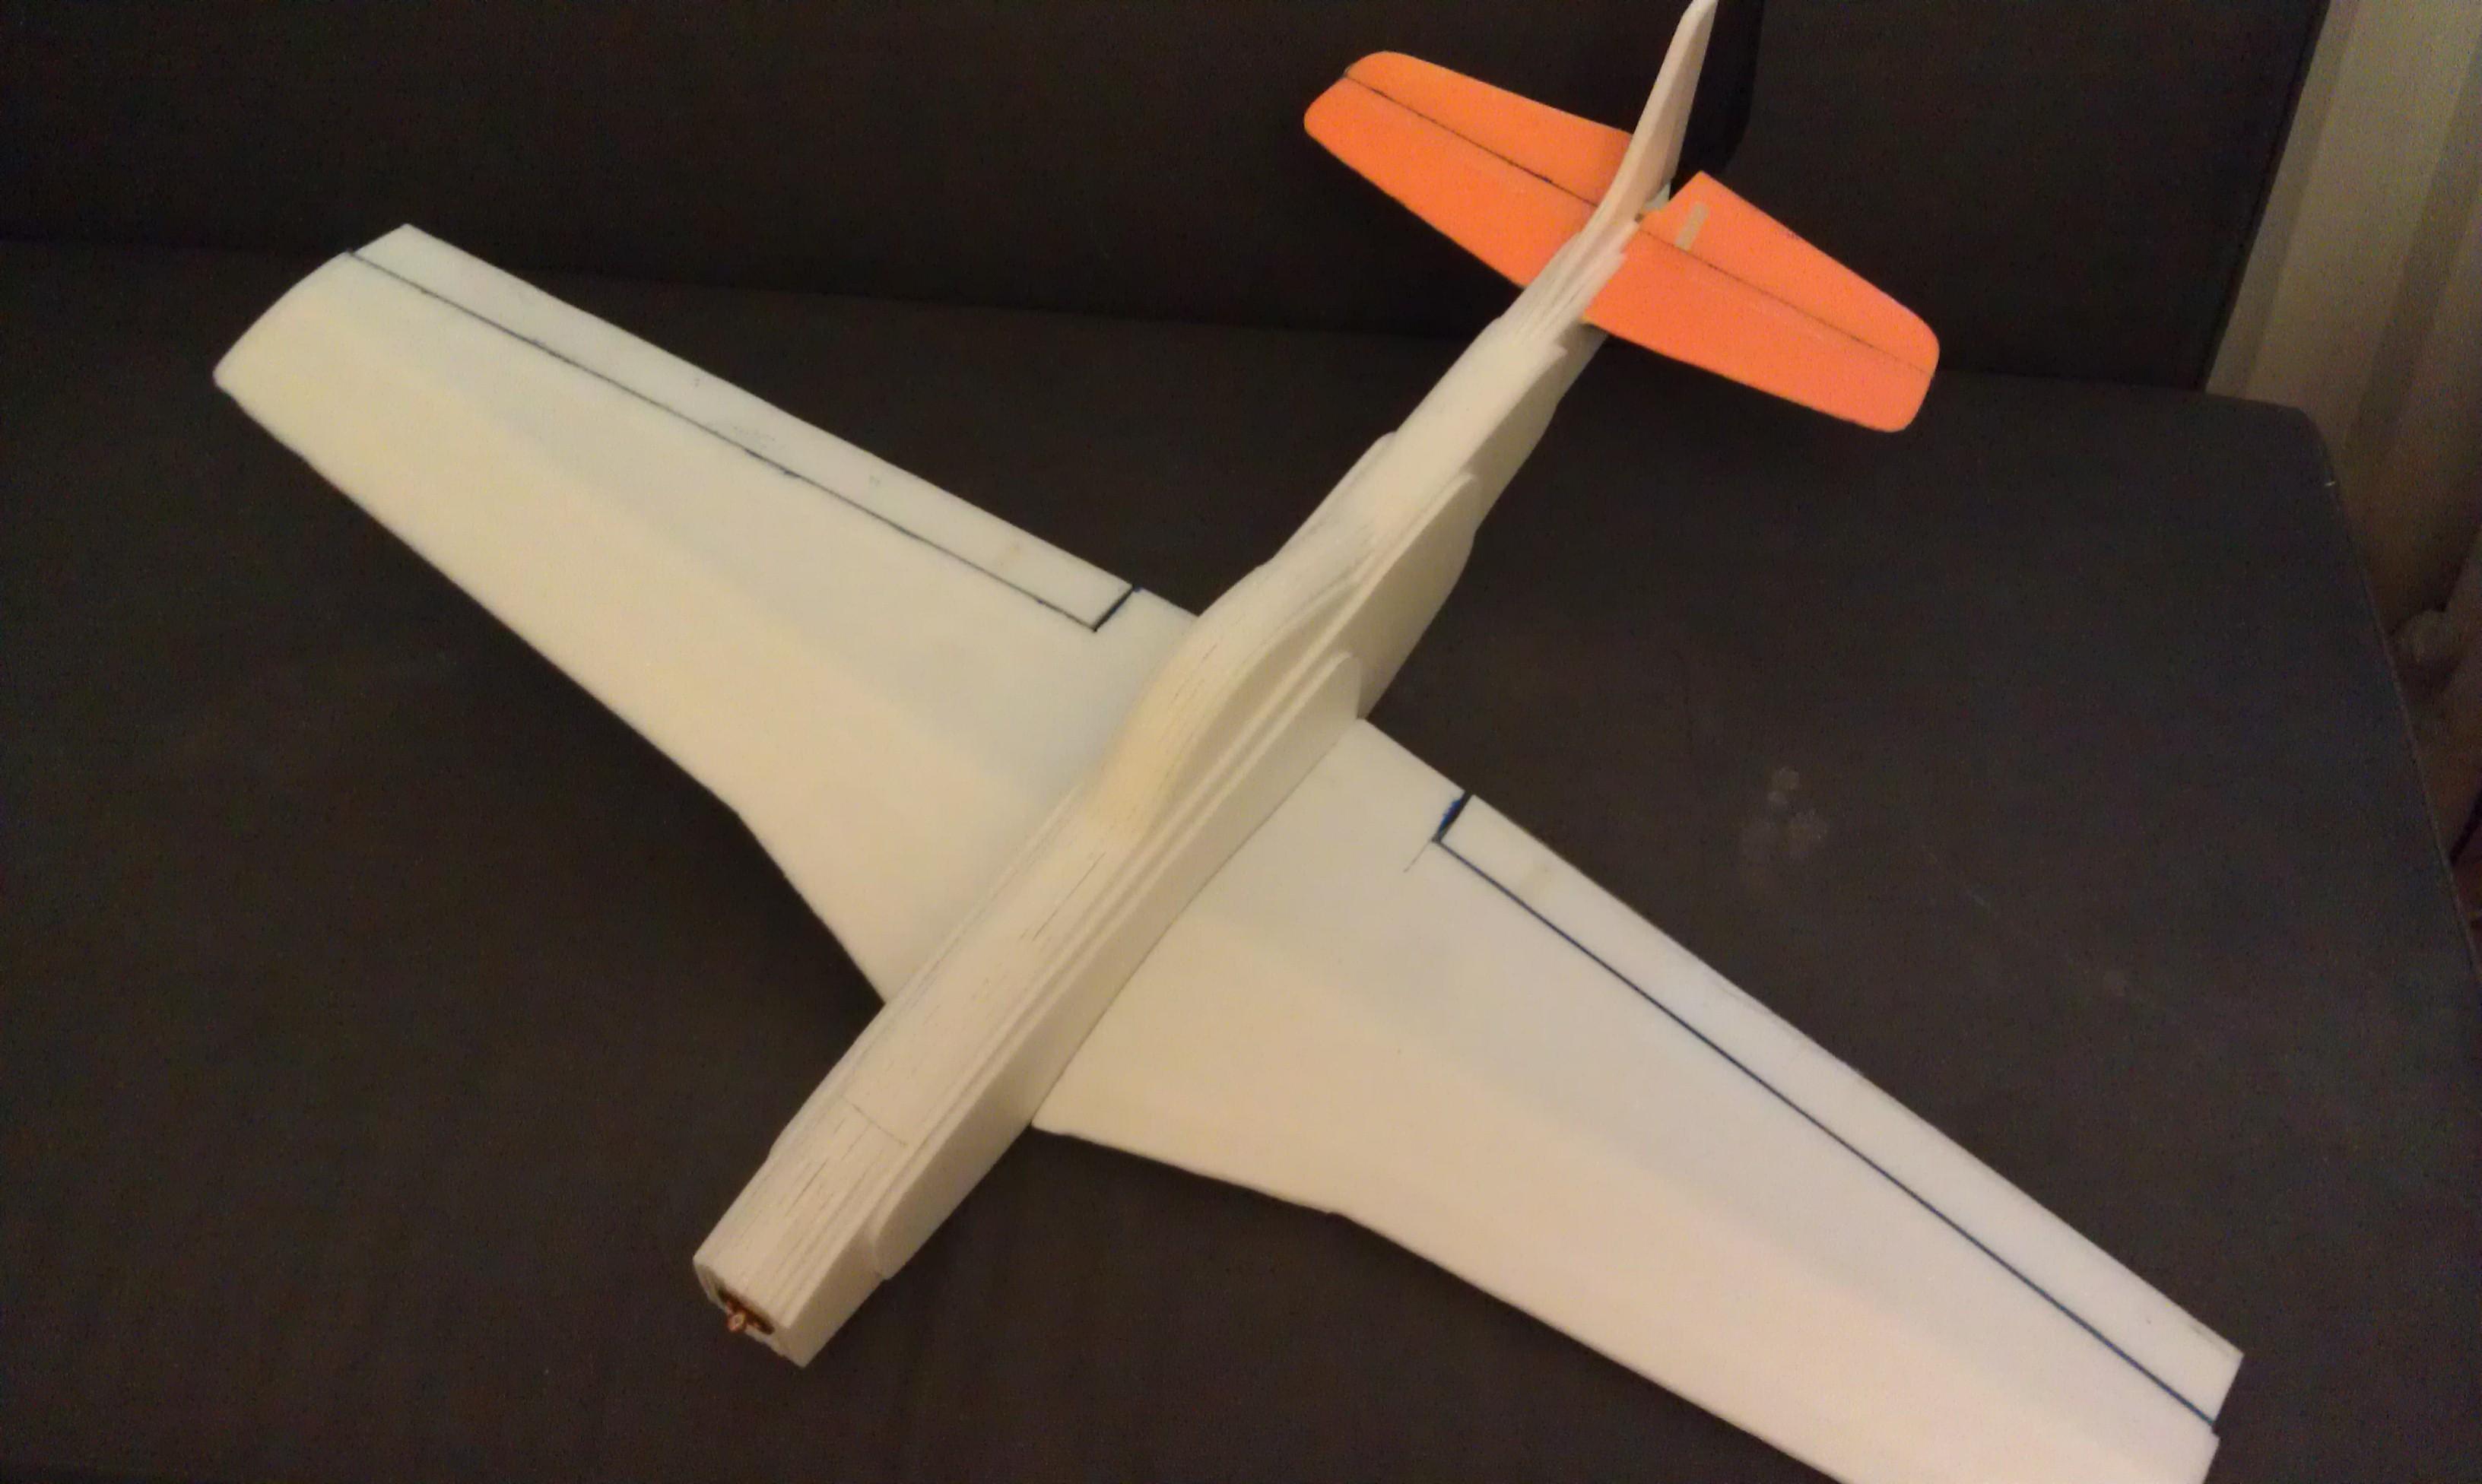 Делаем авиамодели из потолочной плитки своими руками 79